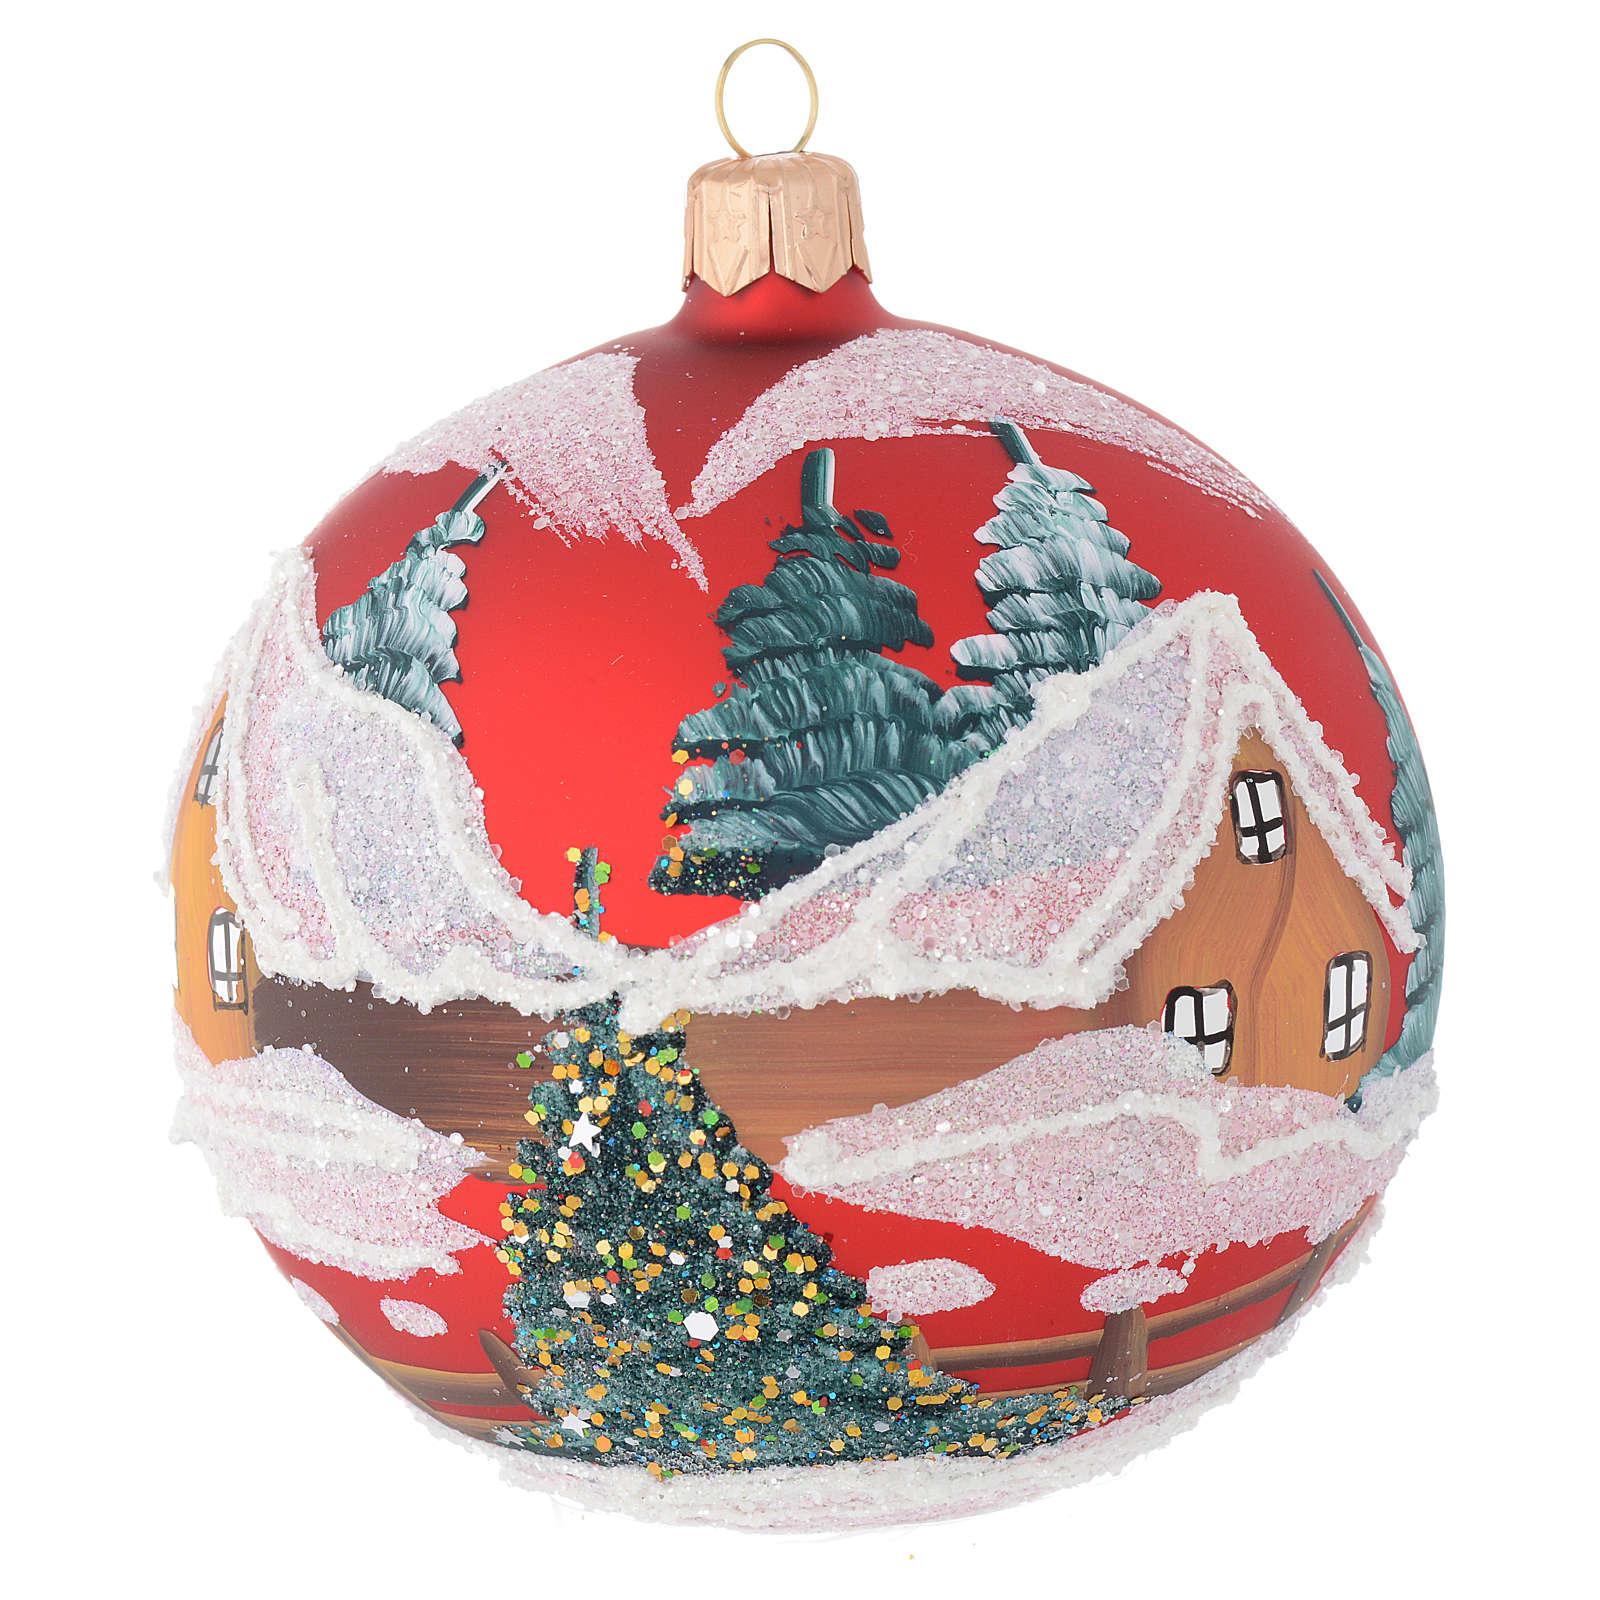 Bola de Navidad vidrio soplado rojo decoraciones casas 100 mm 4